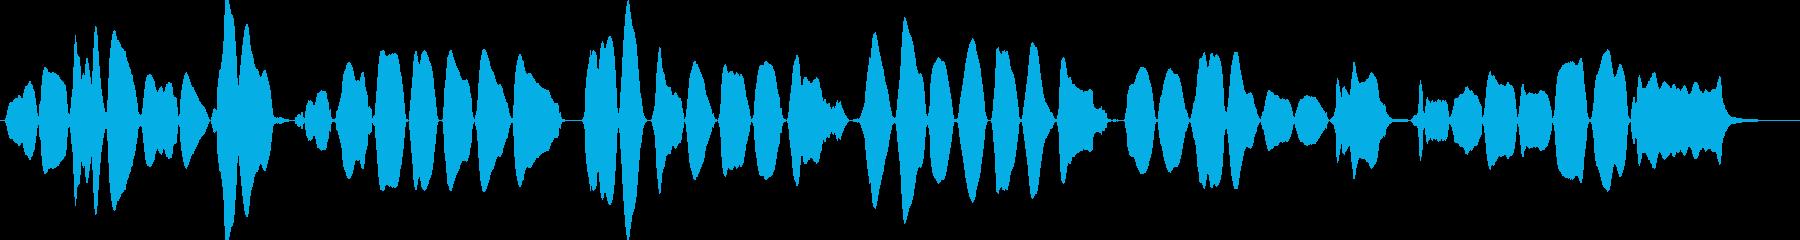 バイオリン初心者が弾くきらきら星の再生済みの波形